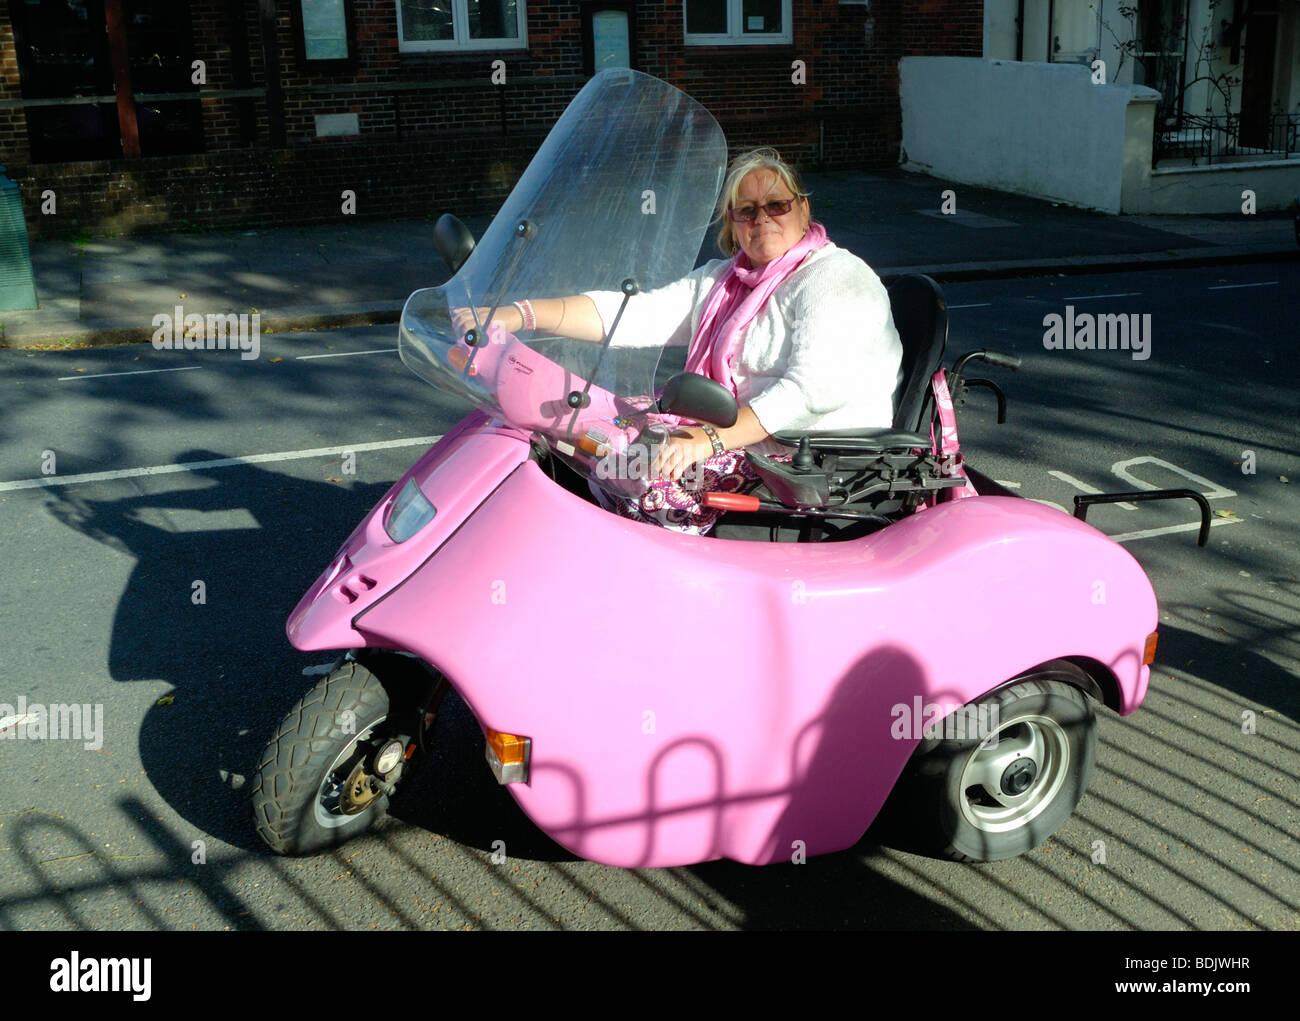 Eine Dame mit einem rosa Behinderung scooter Stockbild